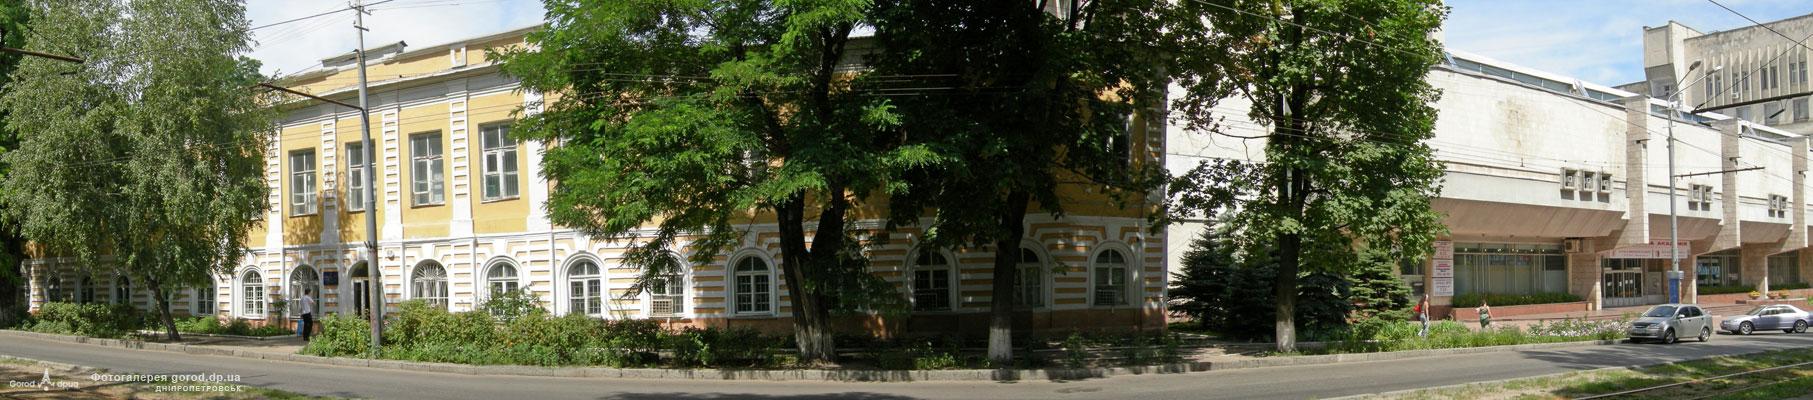 Октябрьская пл.  медицинская академия